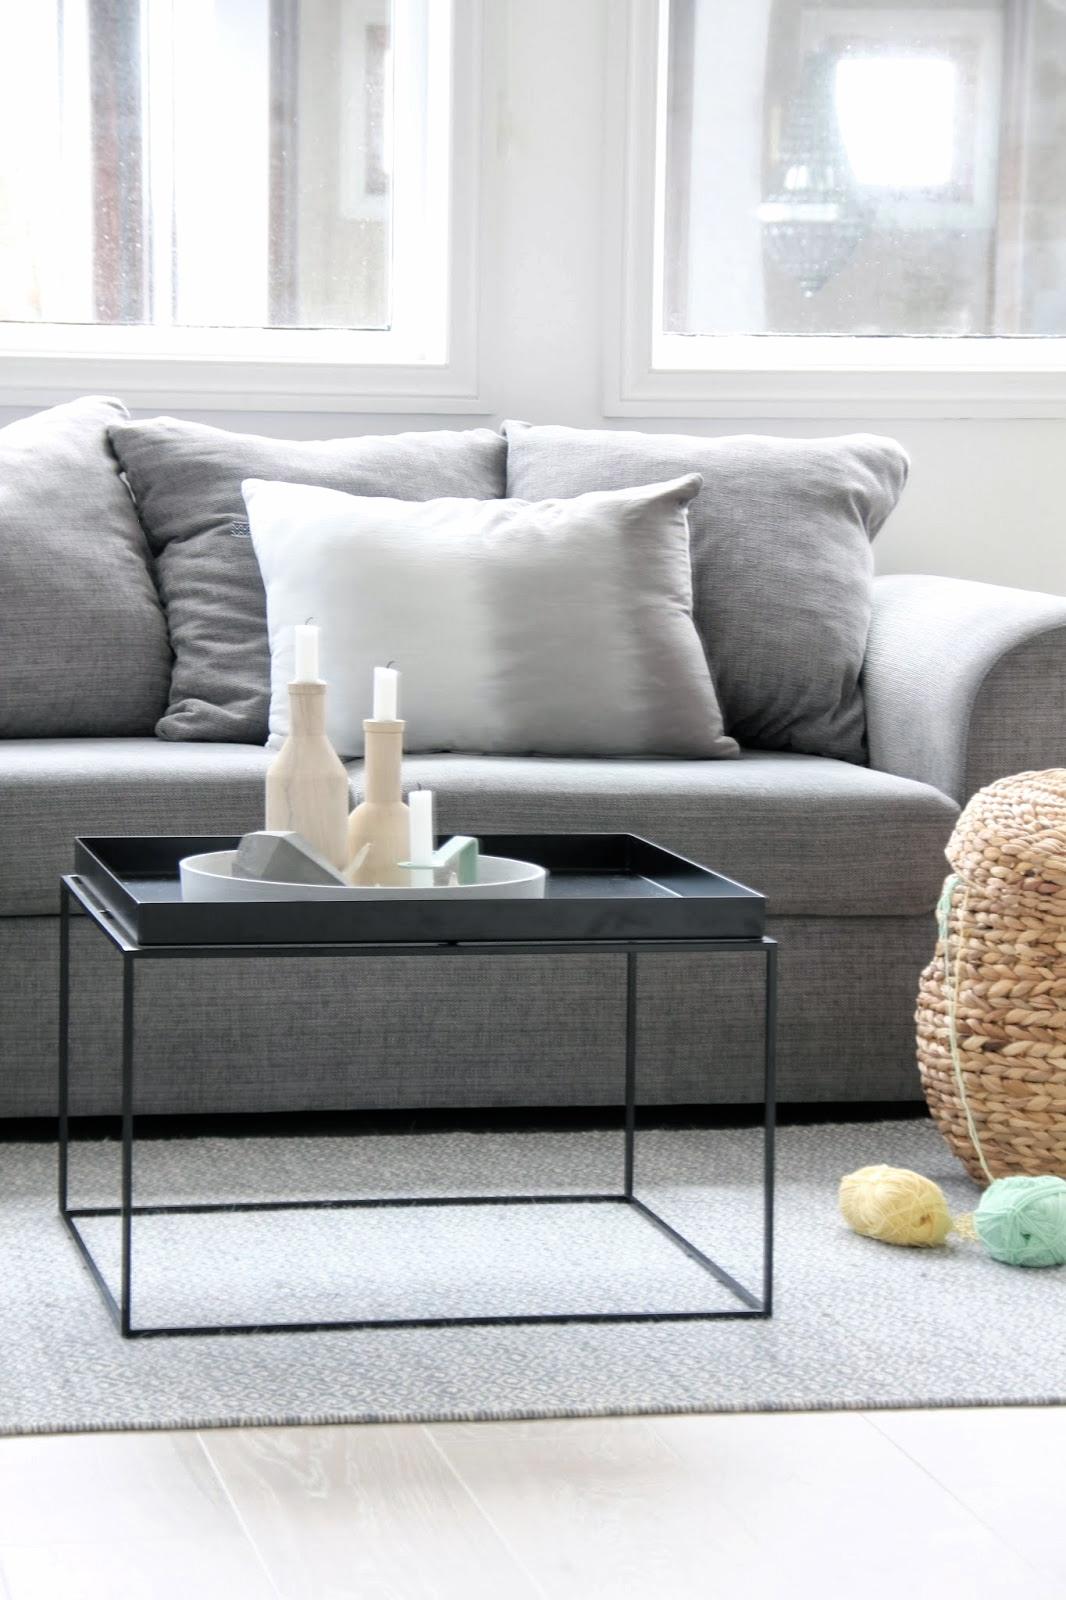 inspiring homes mitt og v rt hjem nordic days by flor linckens. Black Bedroom Furniture Sets. Home Design Ideas